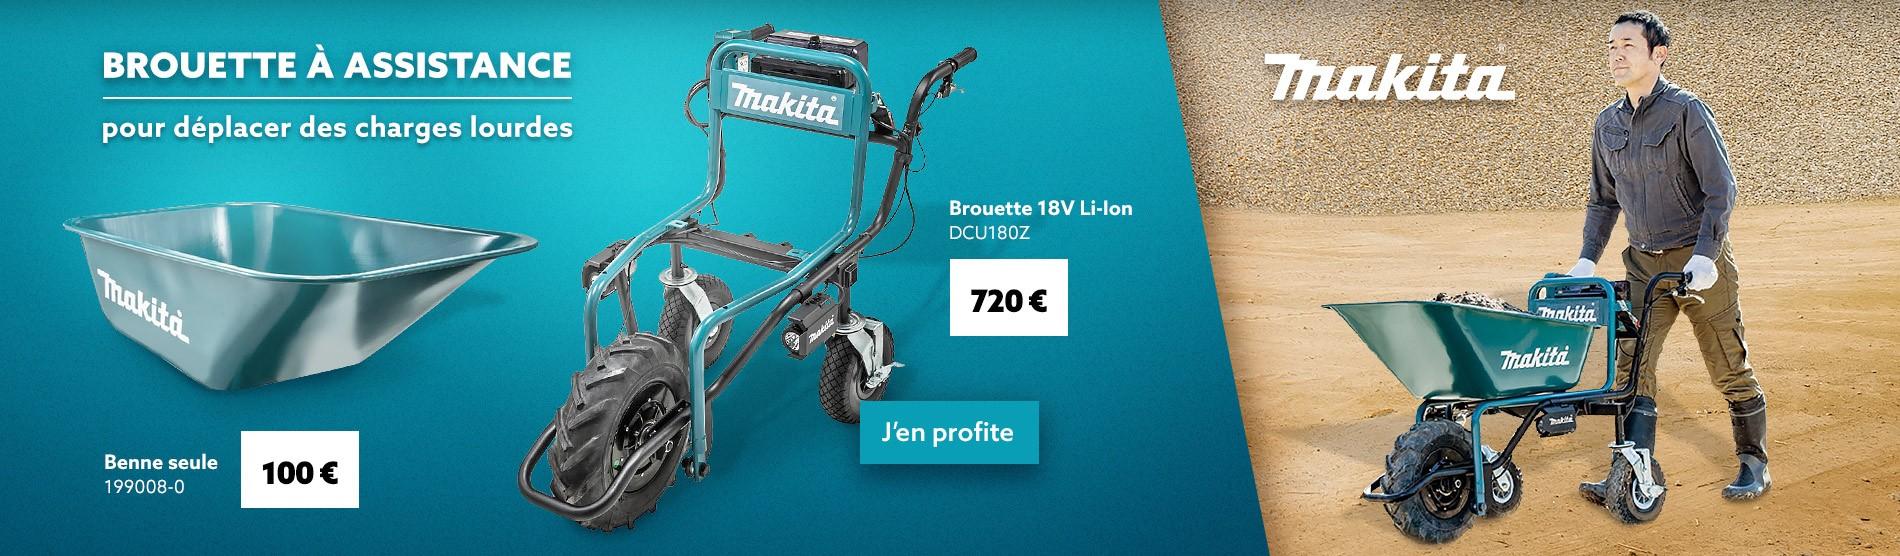 Brouette MAKITA DCU180Z 18V Li-Ion